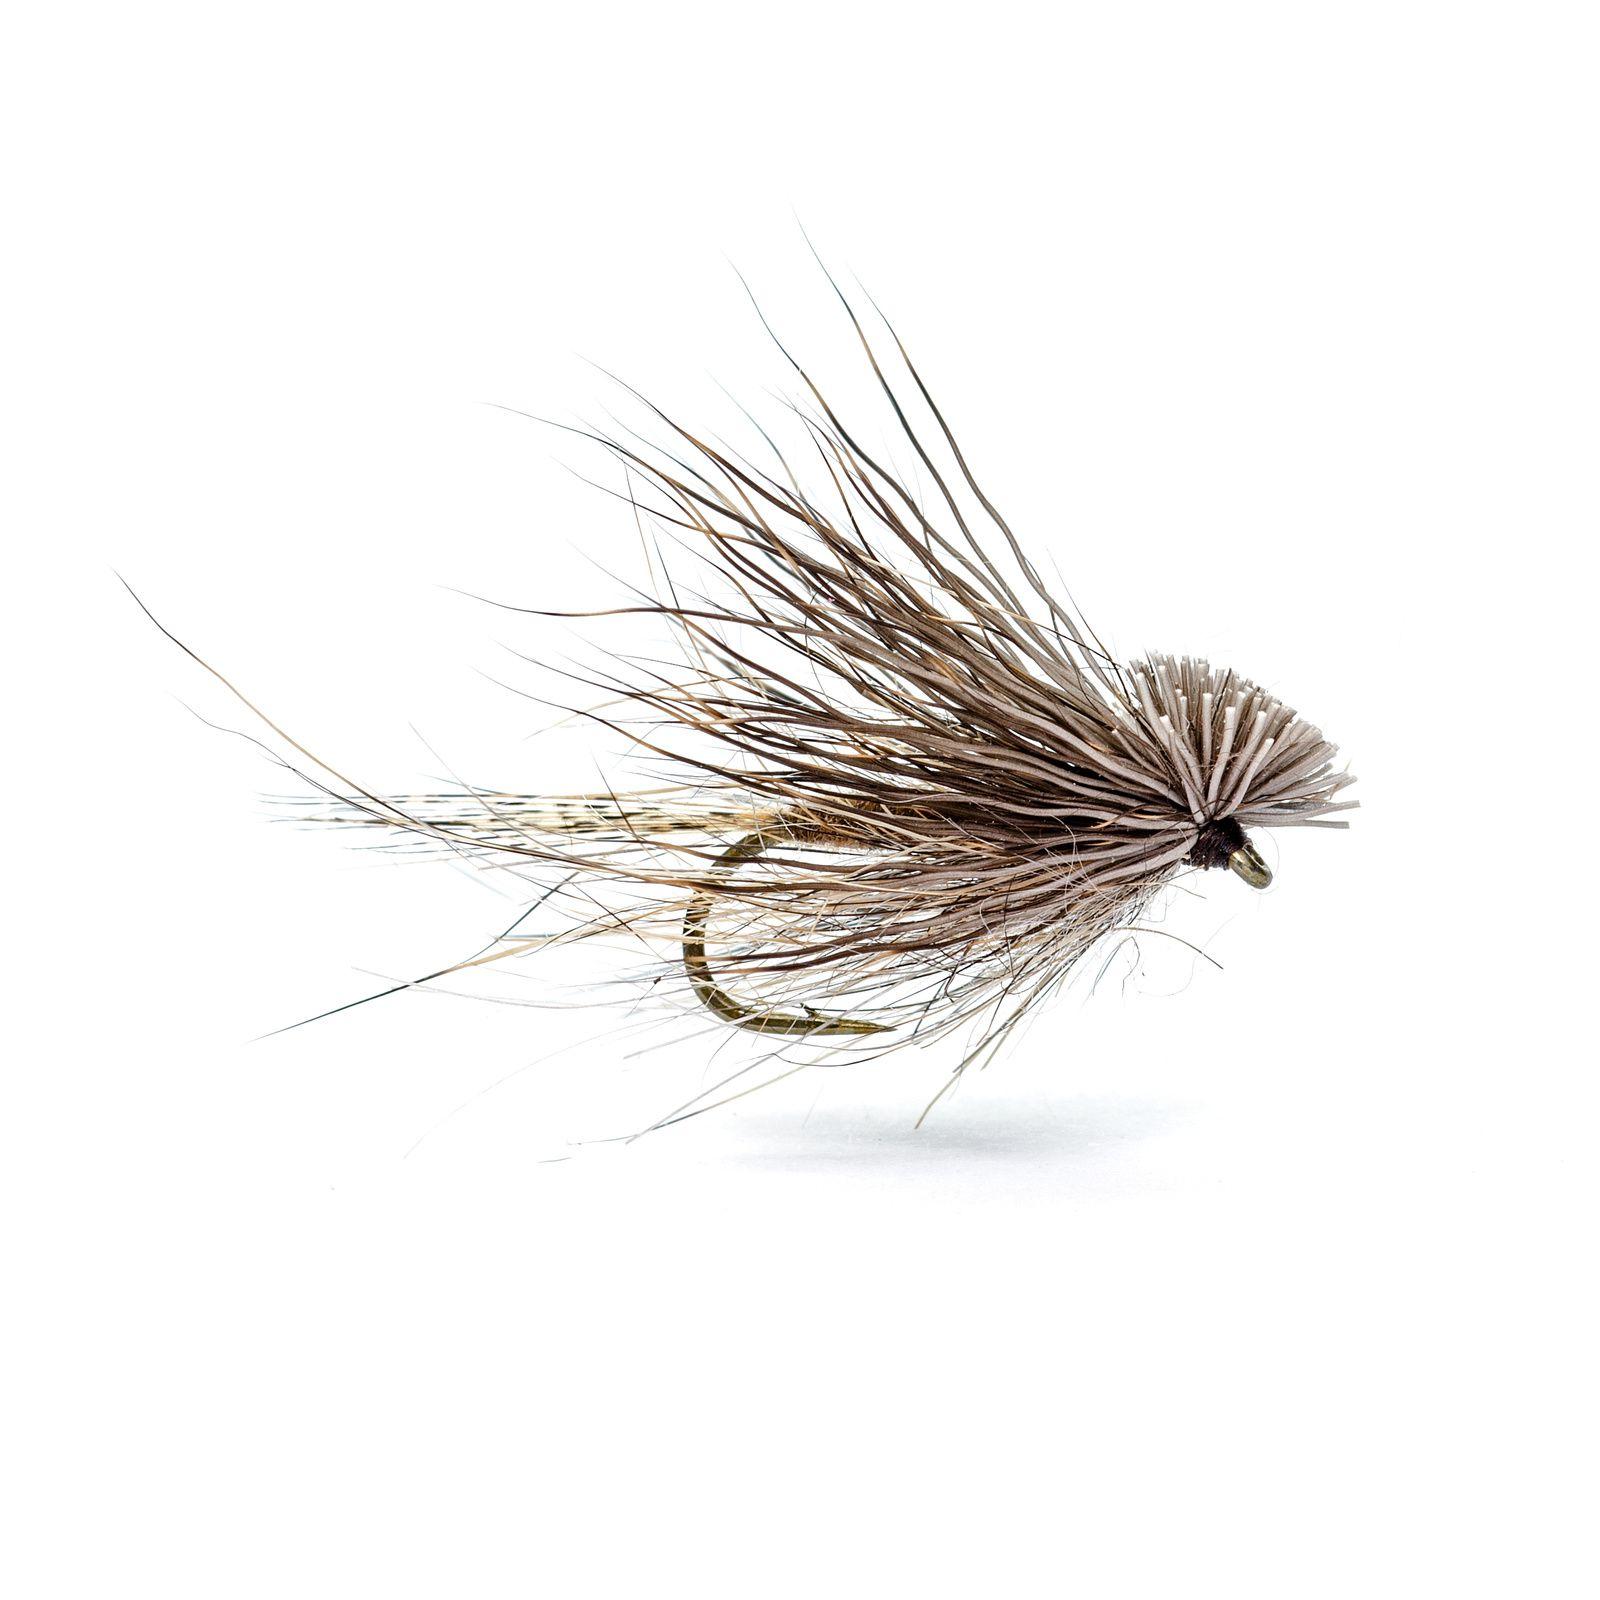 La MC6 CH: Oreille de lièvre avec chevreuil